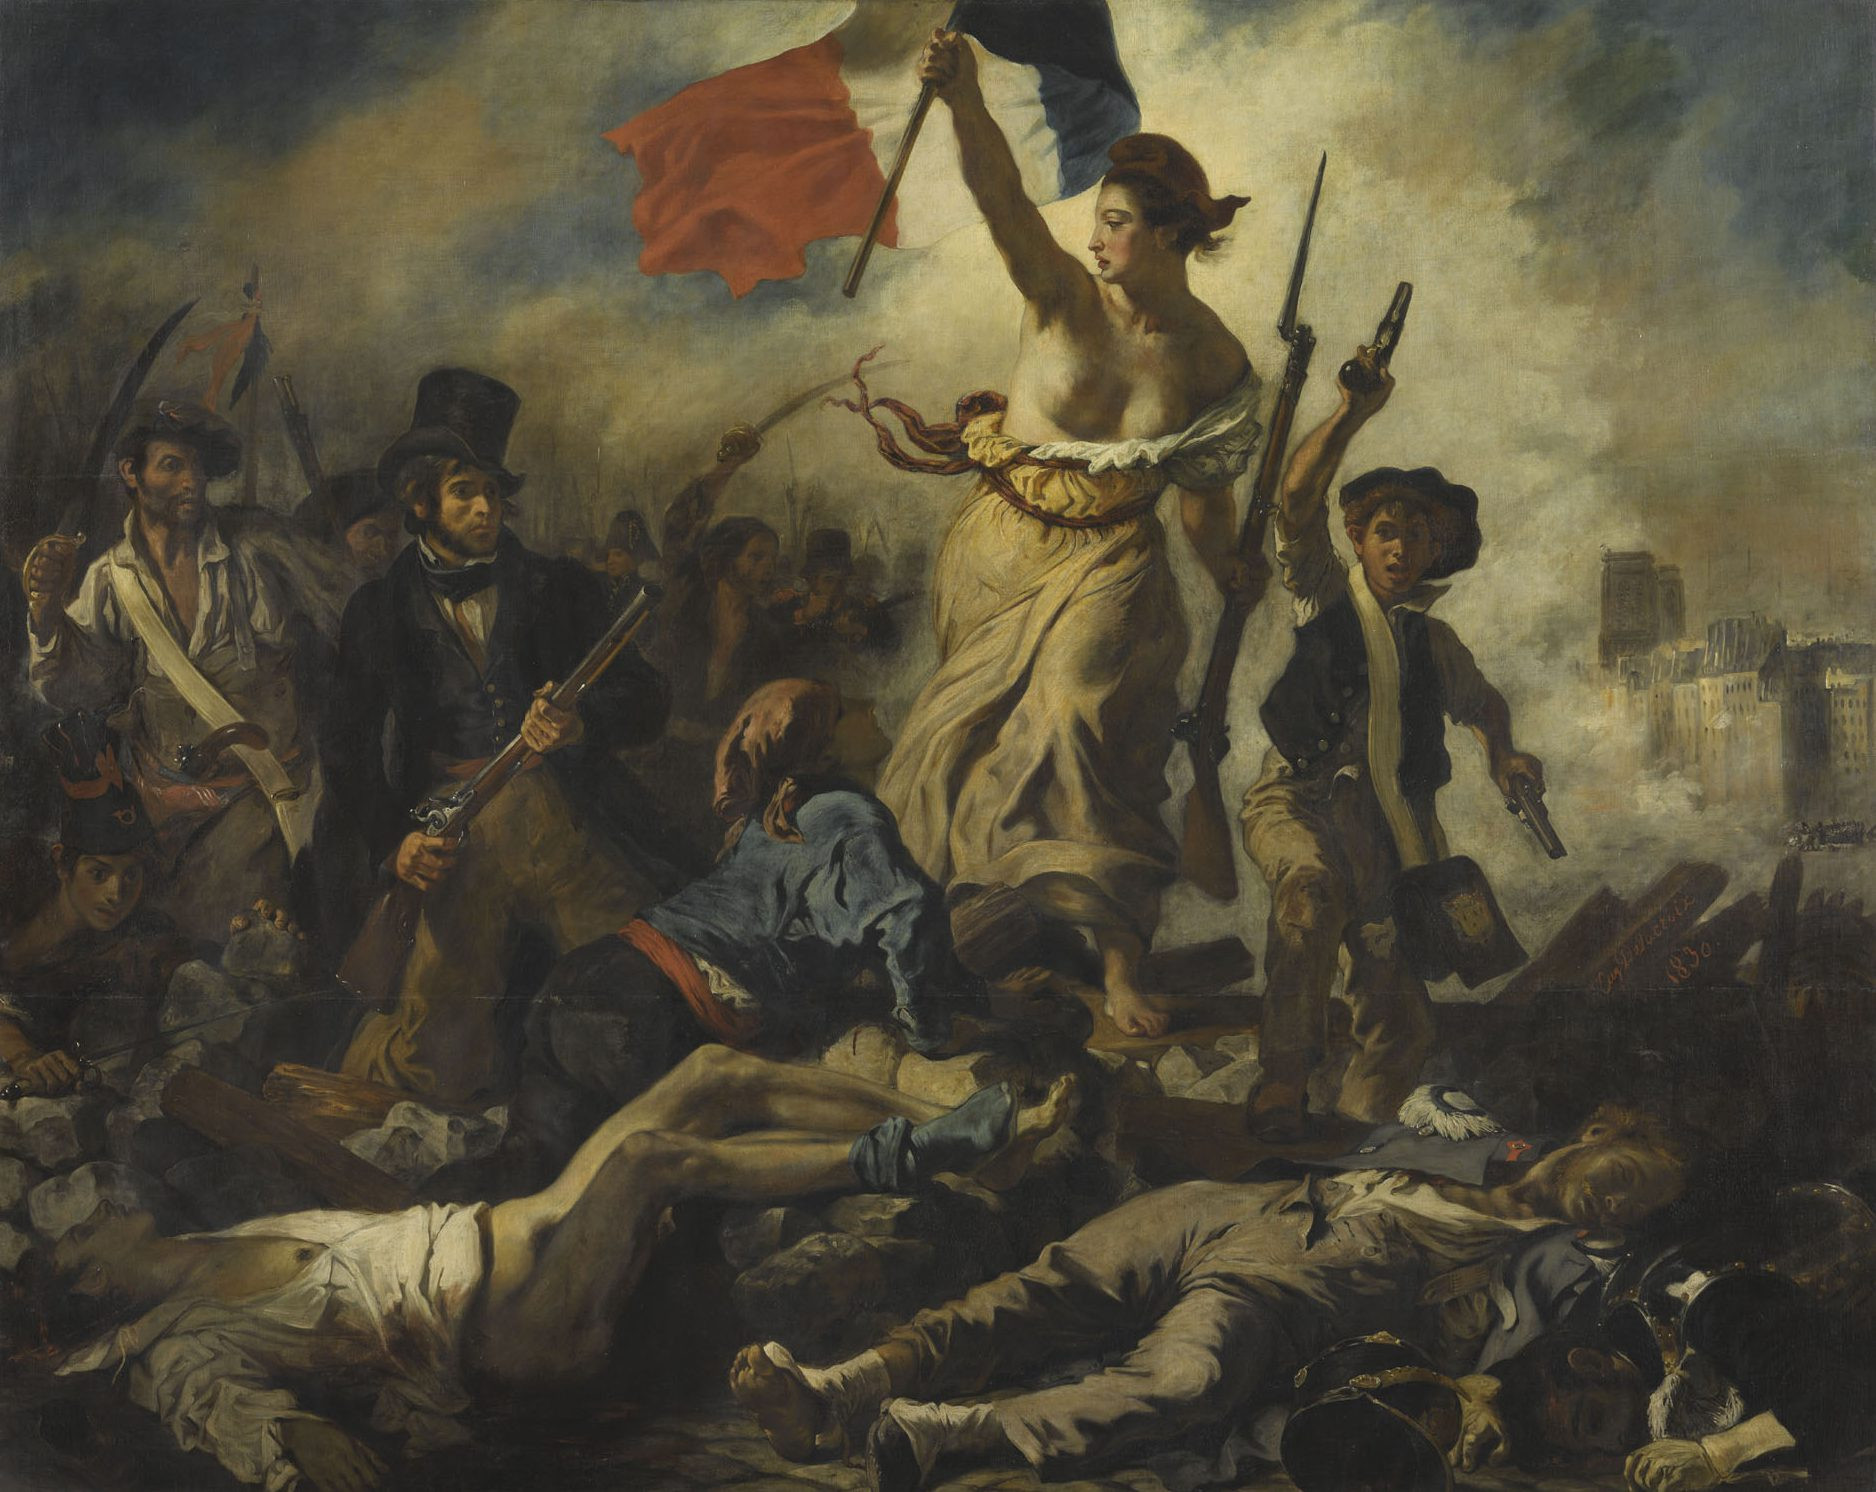 Die Freiheit Führt Das Volk – Eugène Delacroix   French Arts über Delacroix Die Freiheit Führt Das Volk